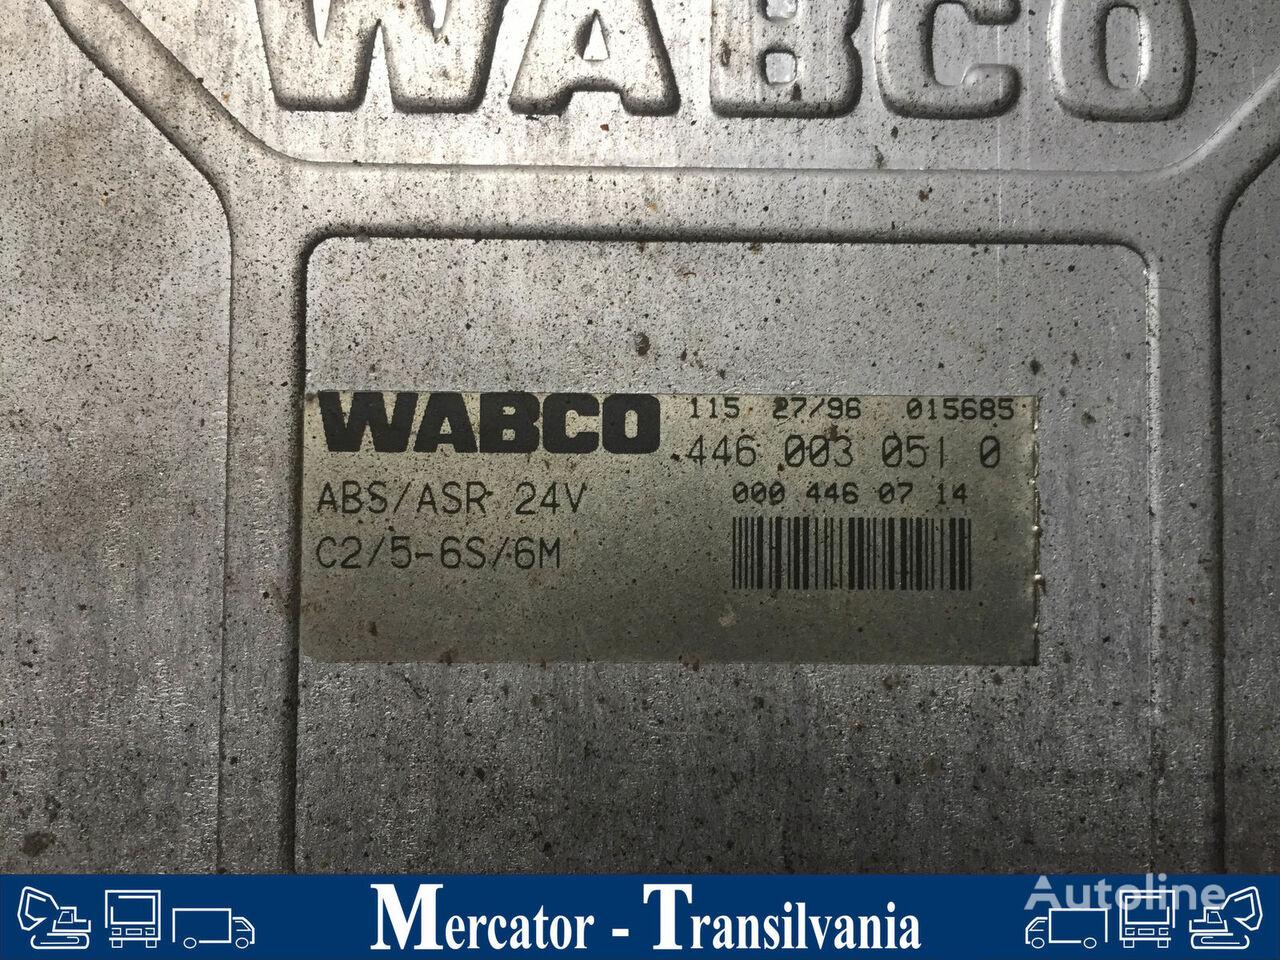 unitate de control WABCO Bordcomputer für ABS/ASR Mercedes-Benz O 405 GN pentru autobuz MERCEDES-BENZ O 405 GN